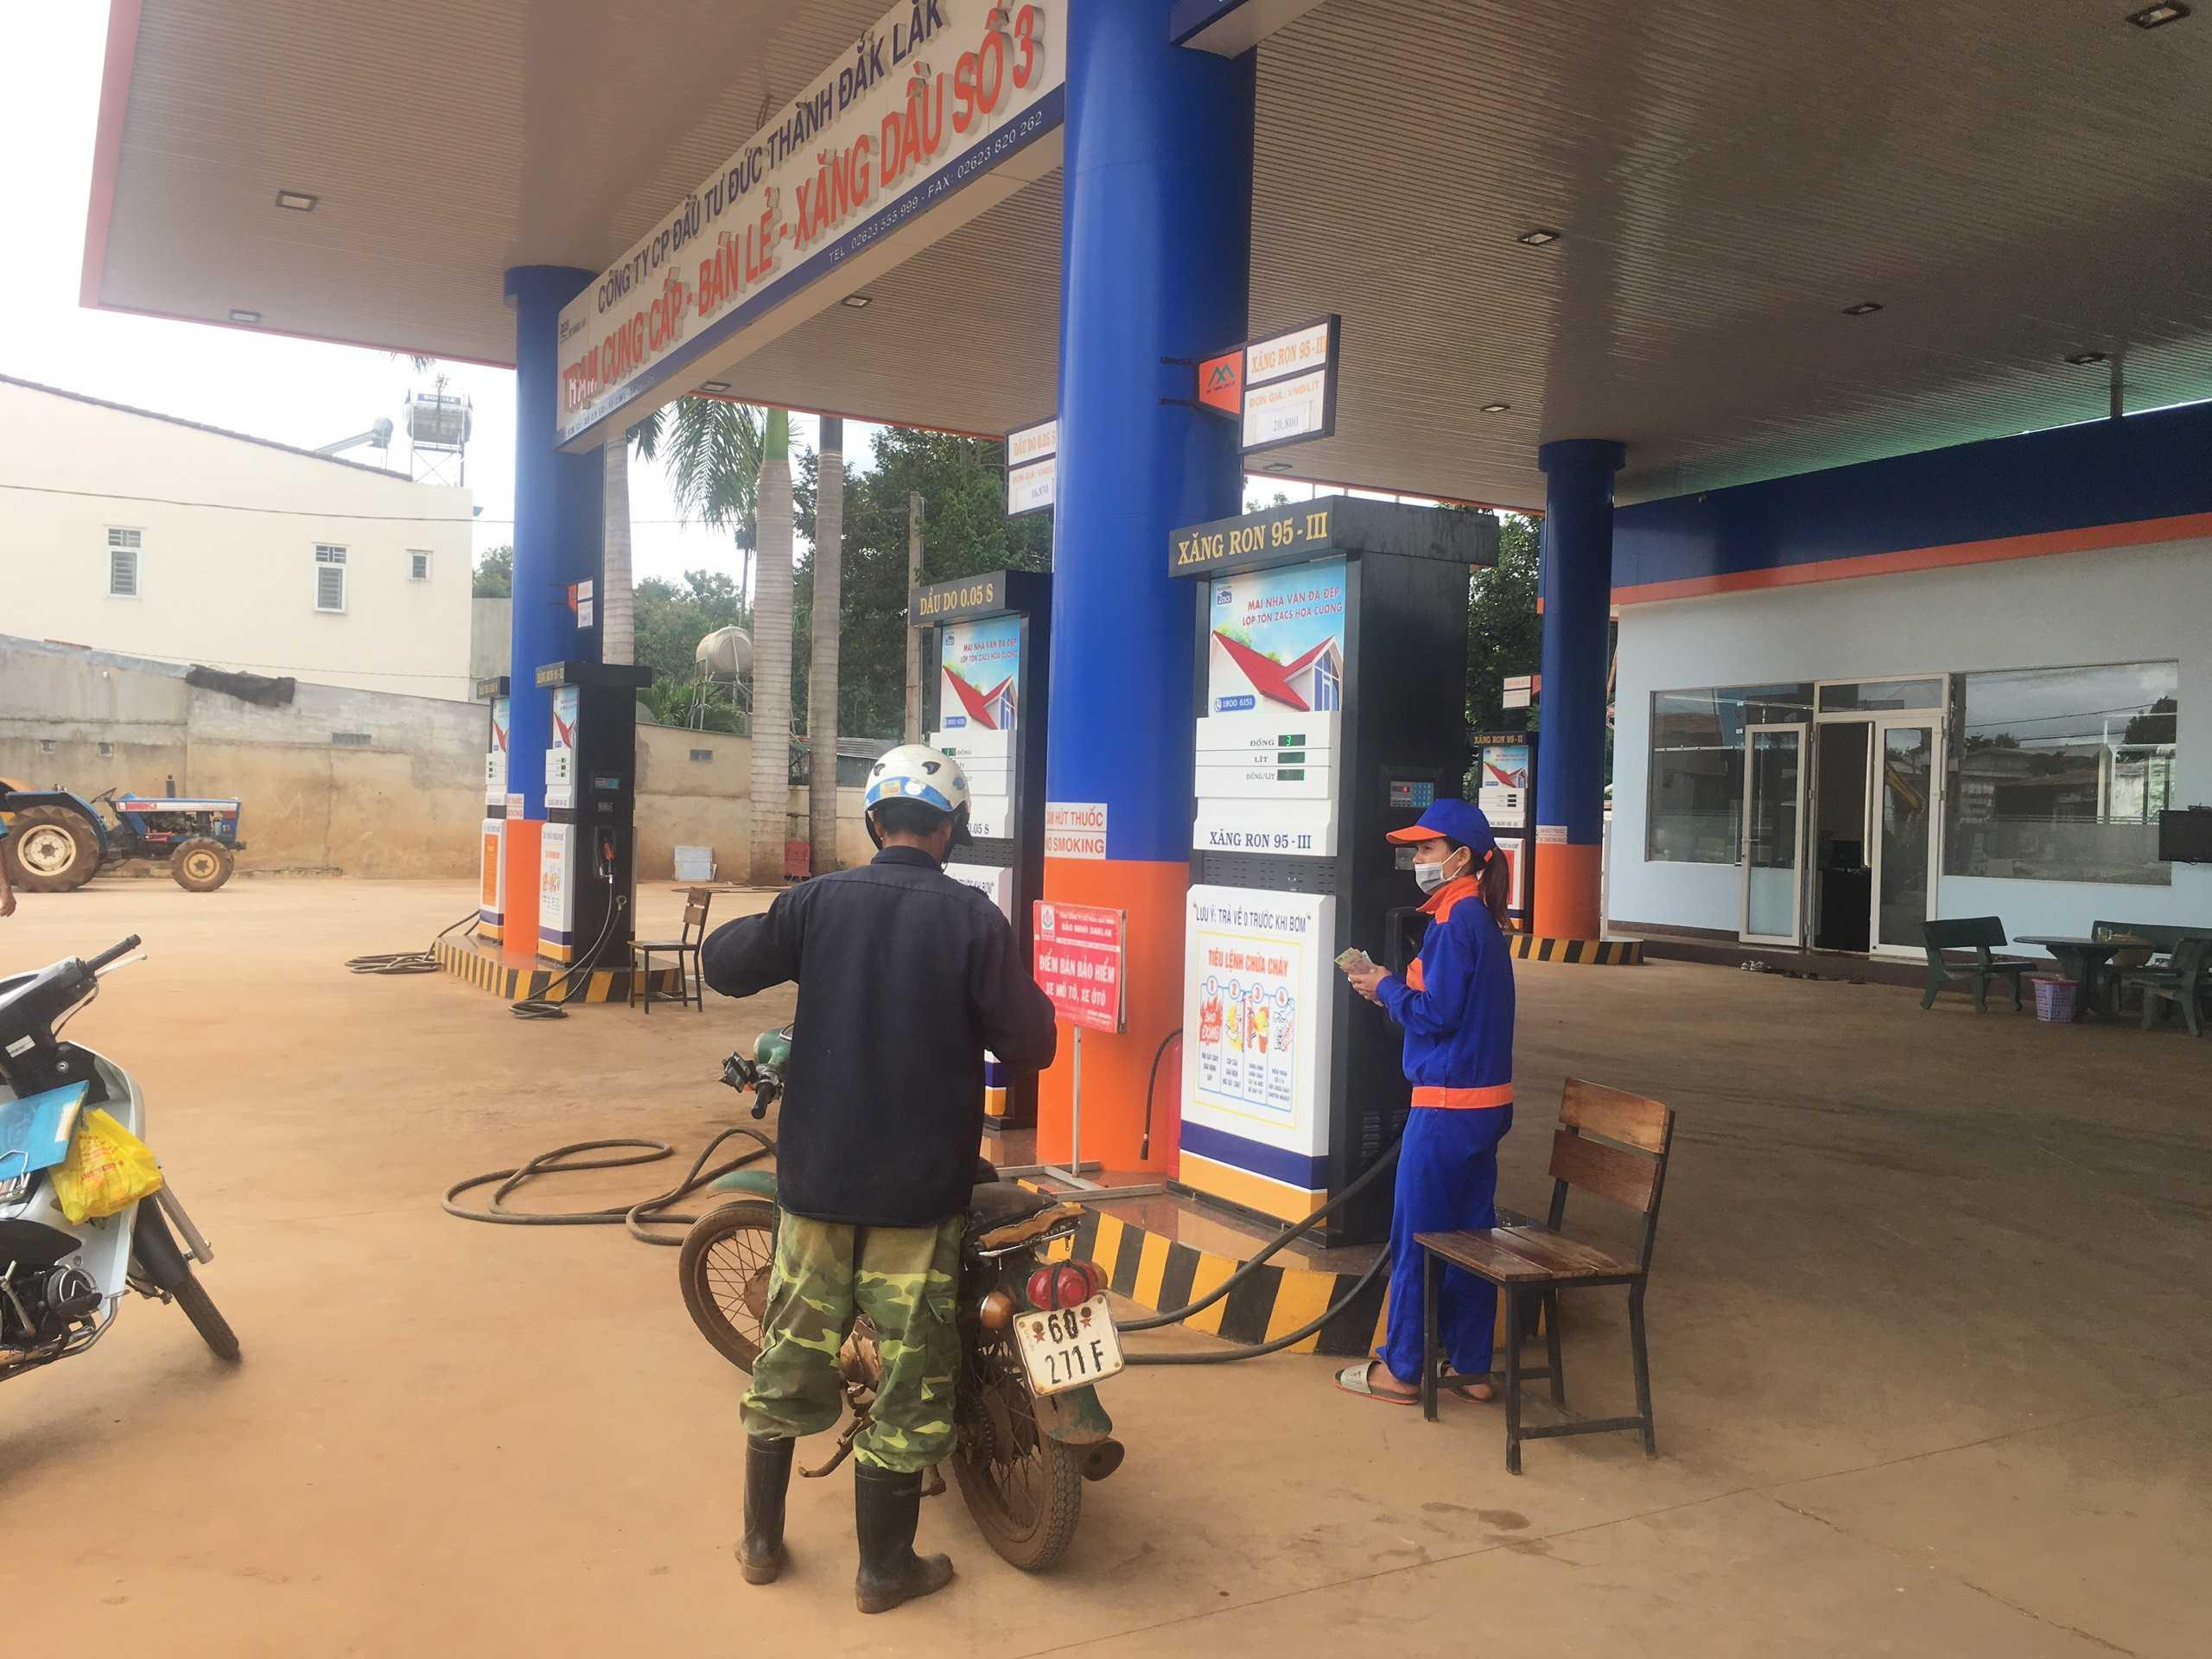 Quảng cáo CHXD Đức Thành, km 12, xã Ea Tu, Tp. Buôn Ma Thuột, Đắk Lắk - 10 trụ bơm xăng